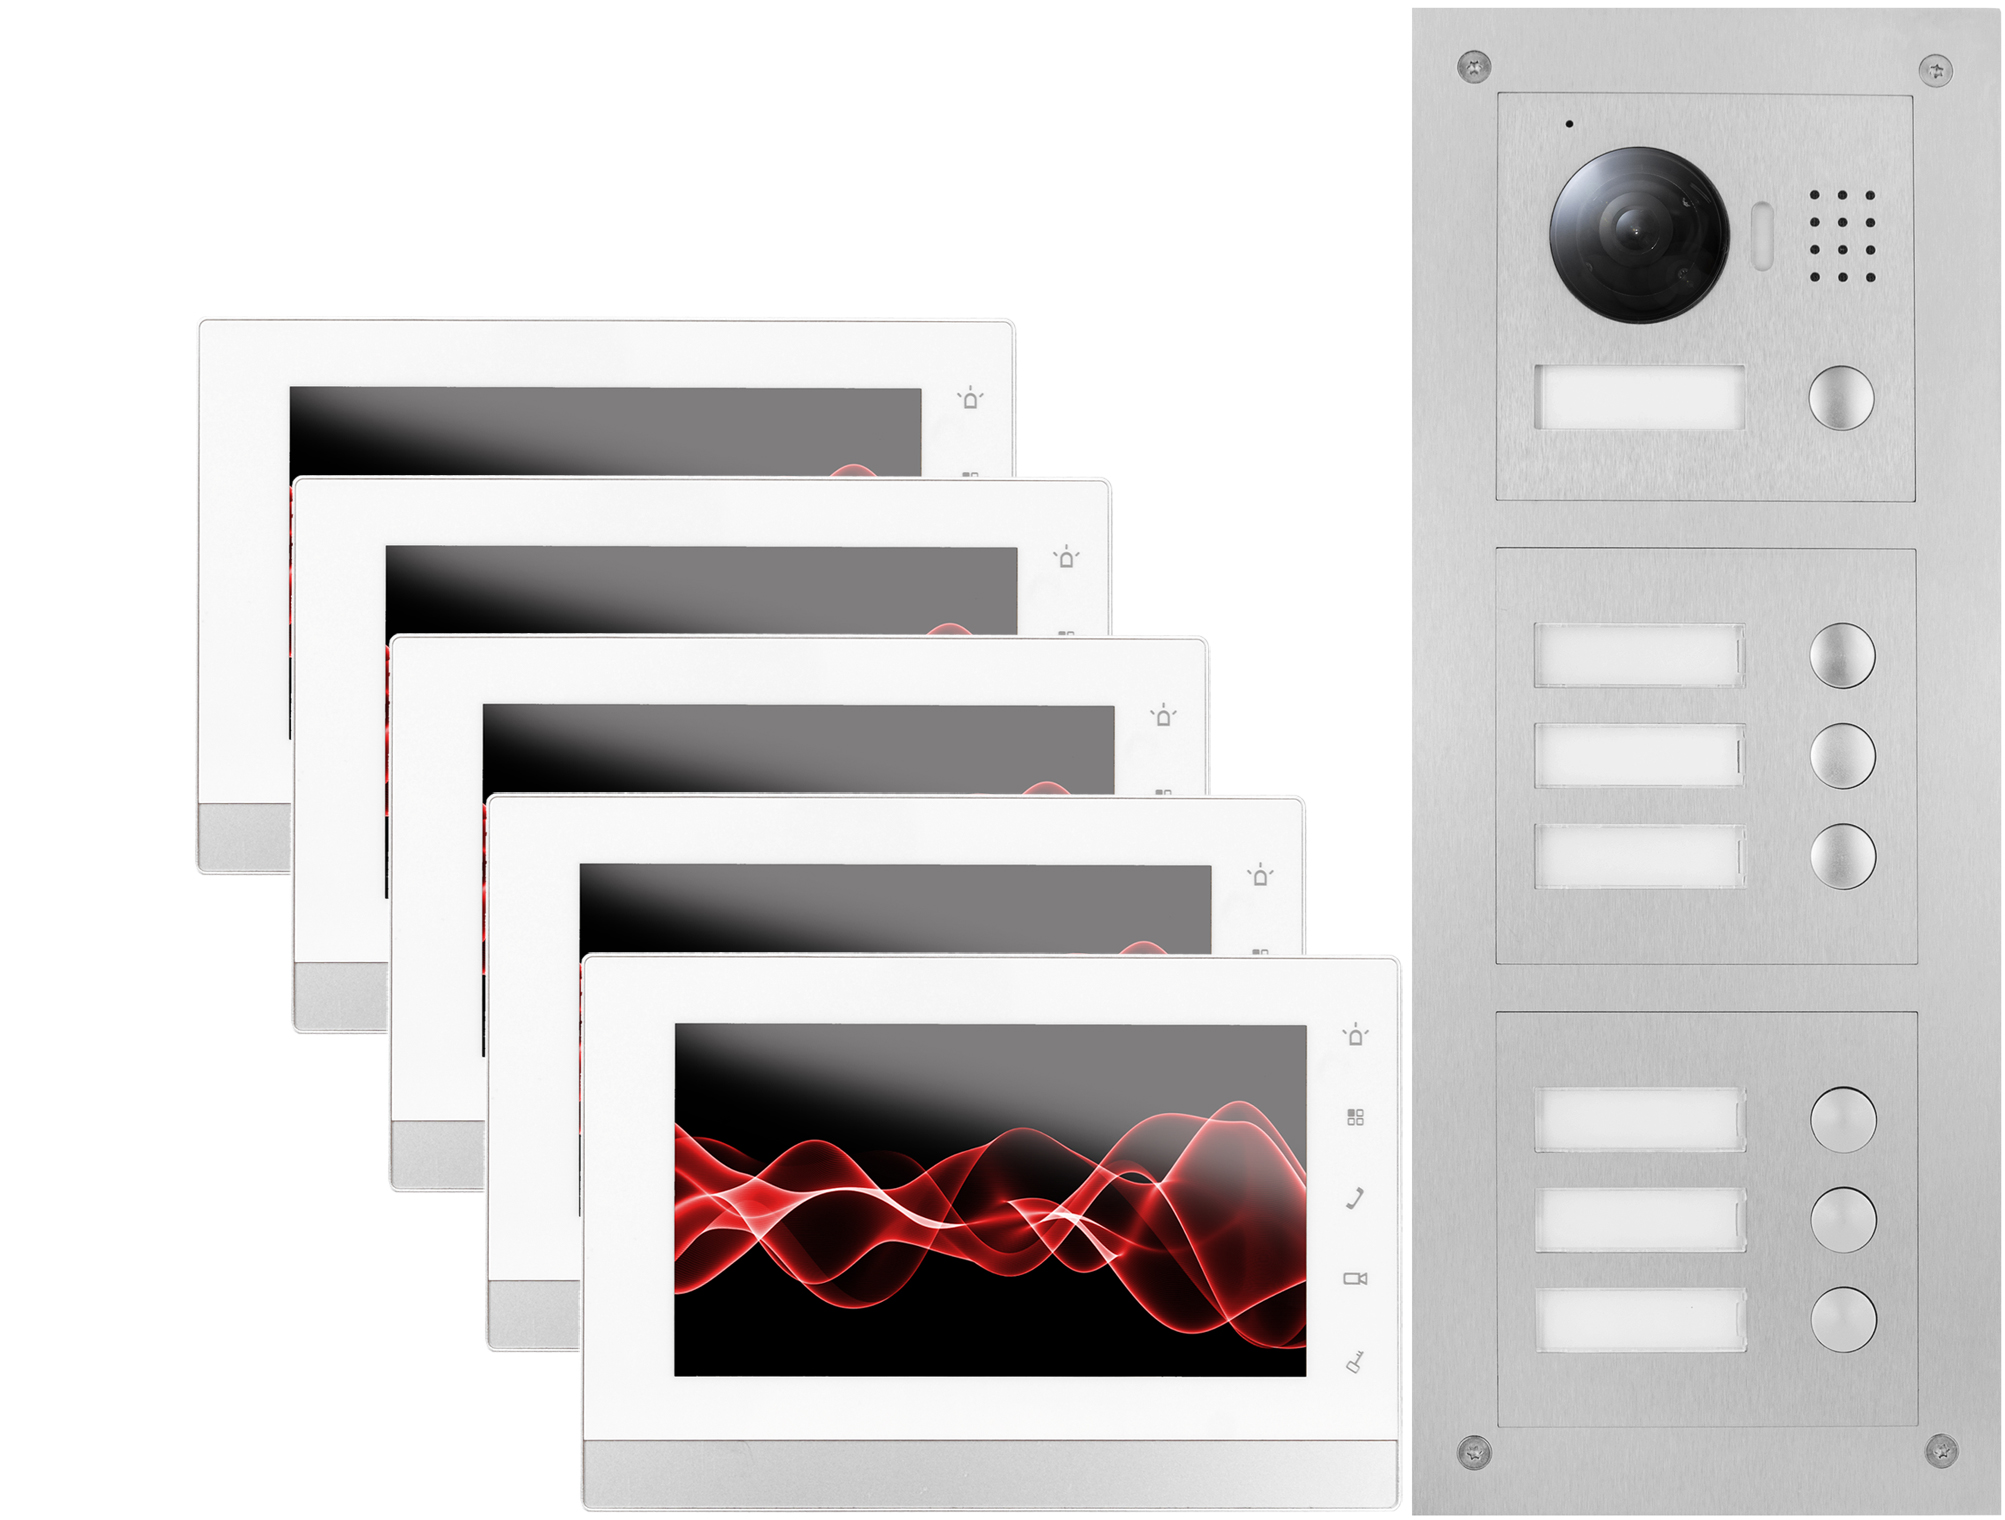 http://www.etechnik-direkt-shop.de/media/catalog/product/1/_/1_6894436507274935a08cc94c52c006d0_1.jpg